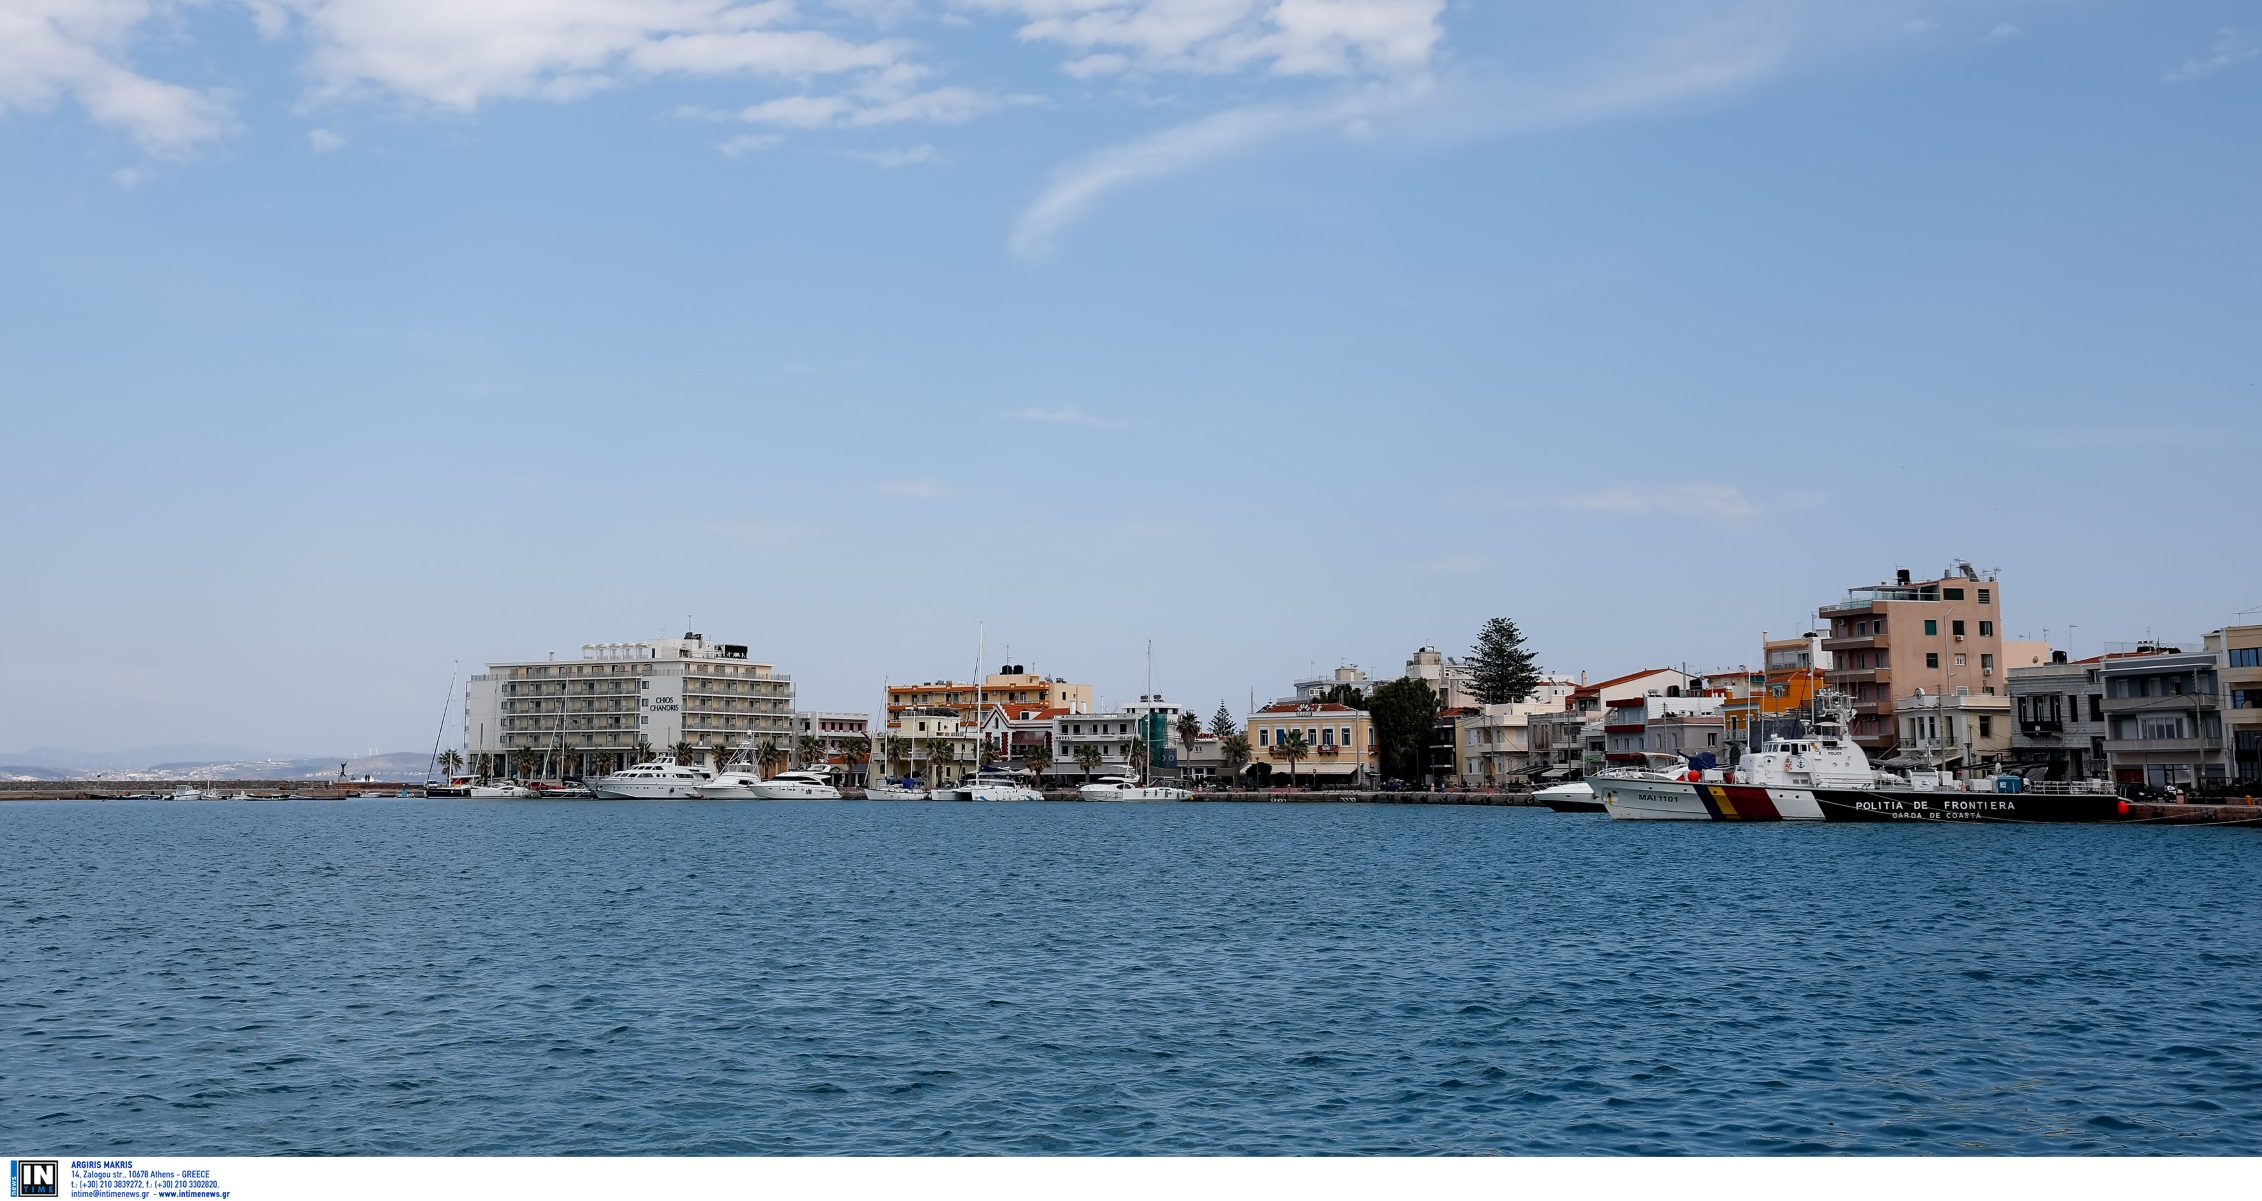 Χίος: Υπογράφηκε σύμβαση για την επισκευή του κτιρίου όπου λειτουργεί το Πρωτοδικείο